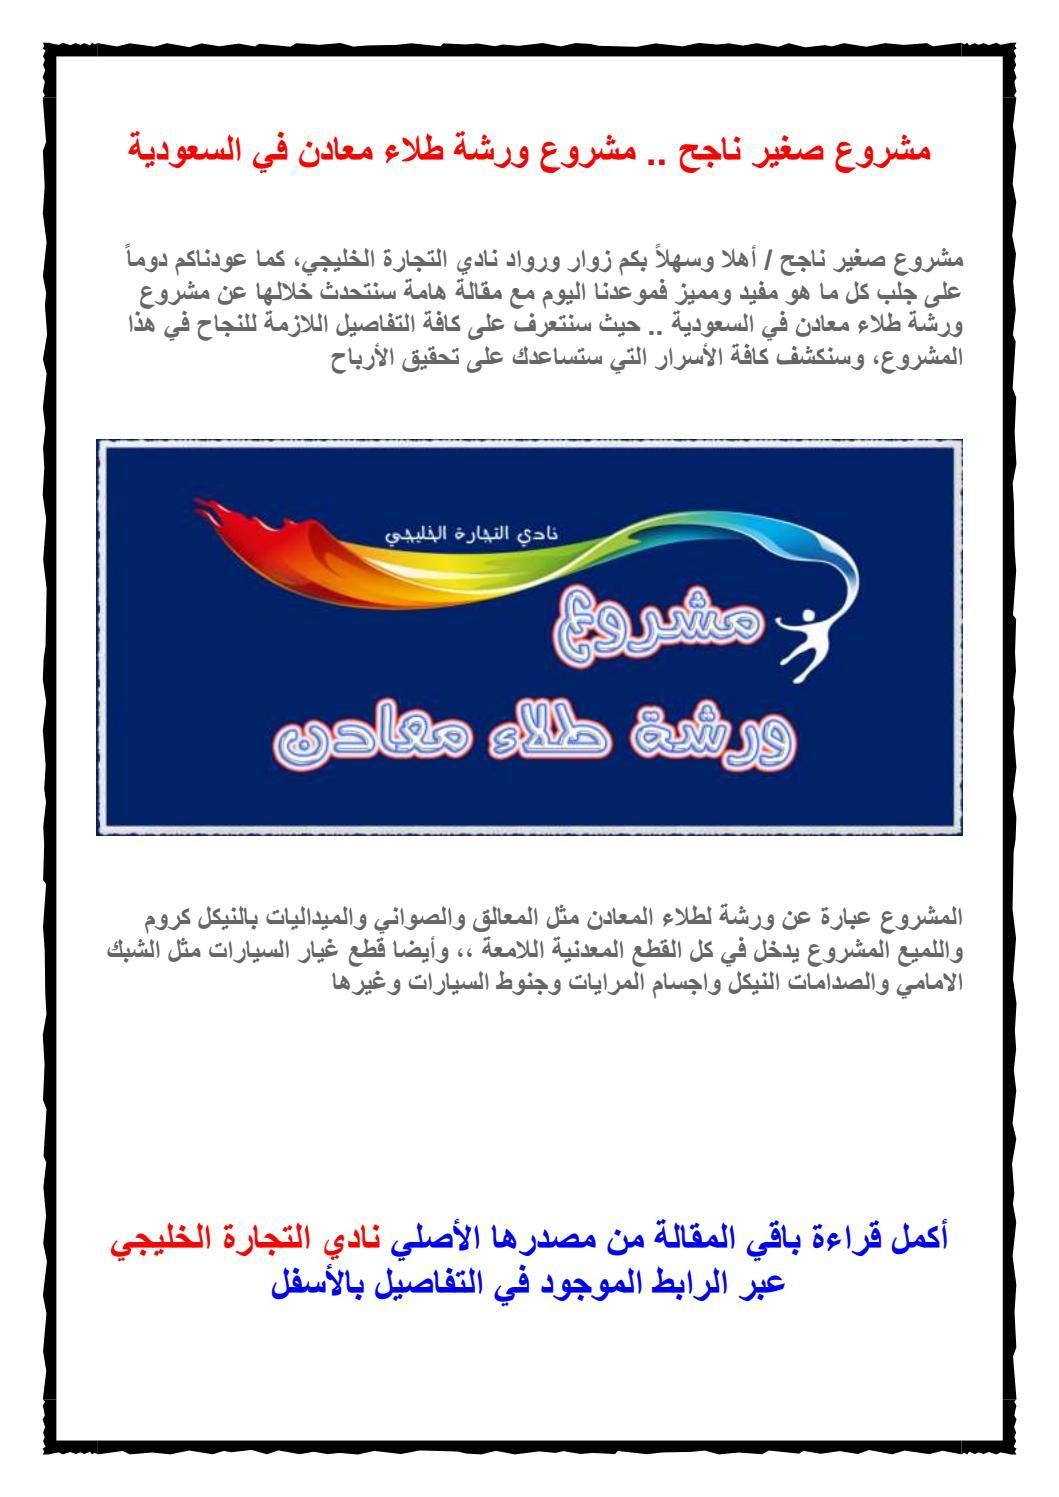 مشروع صغير ناجح مشروع ورشة طلاء معادن في السعودية Microsoft Word Document Words Microsoft Word